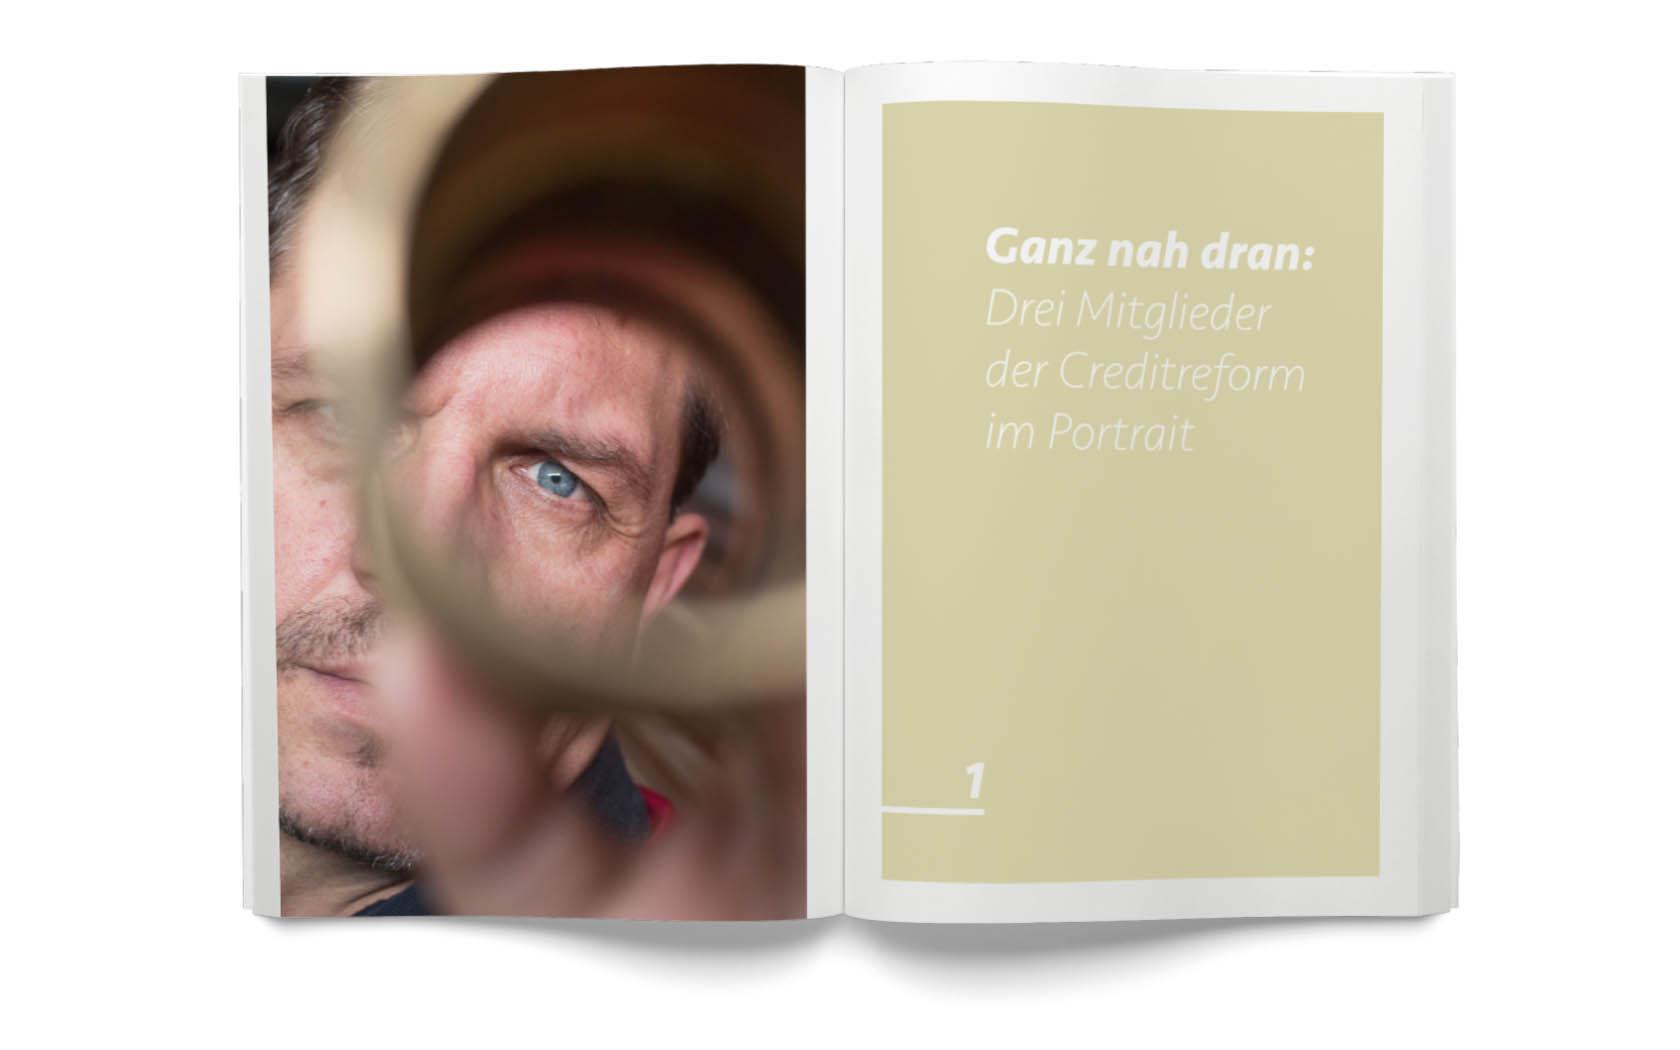 Gute Fotos ergänzen grafische Elemente im Corporate Design